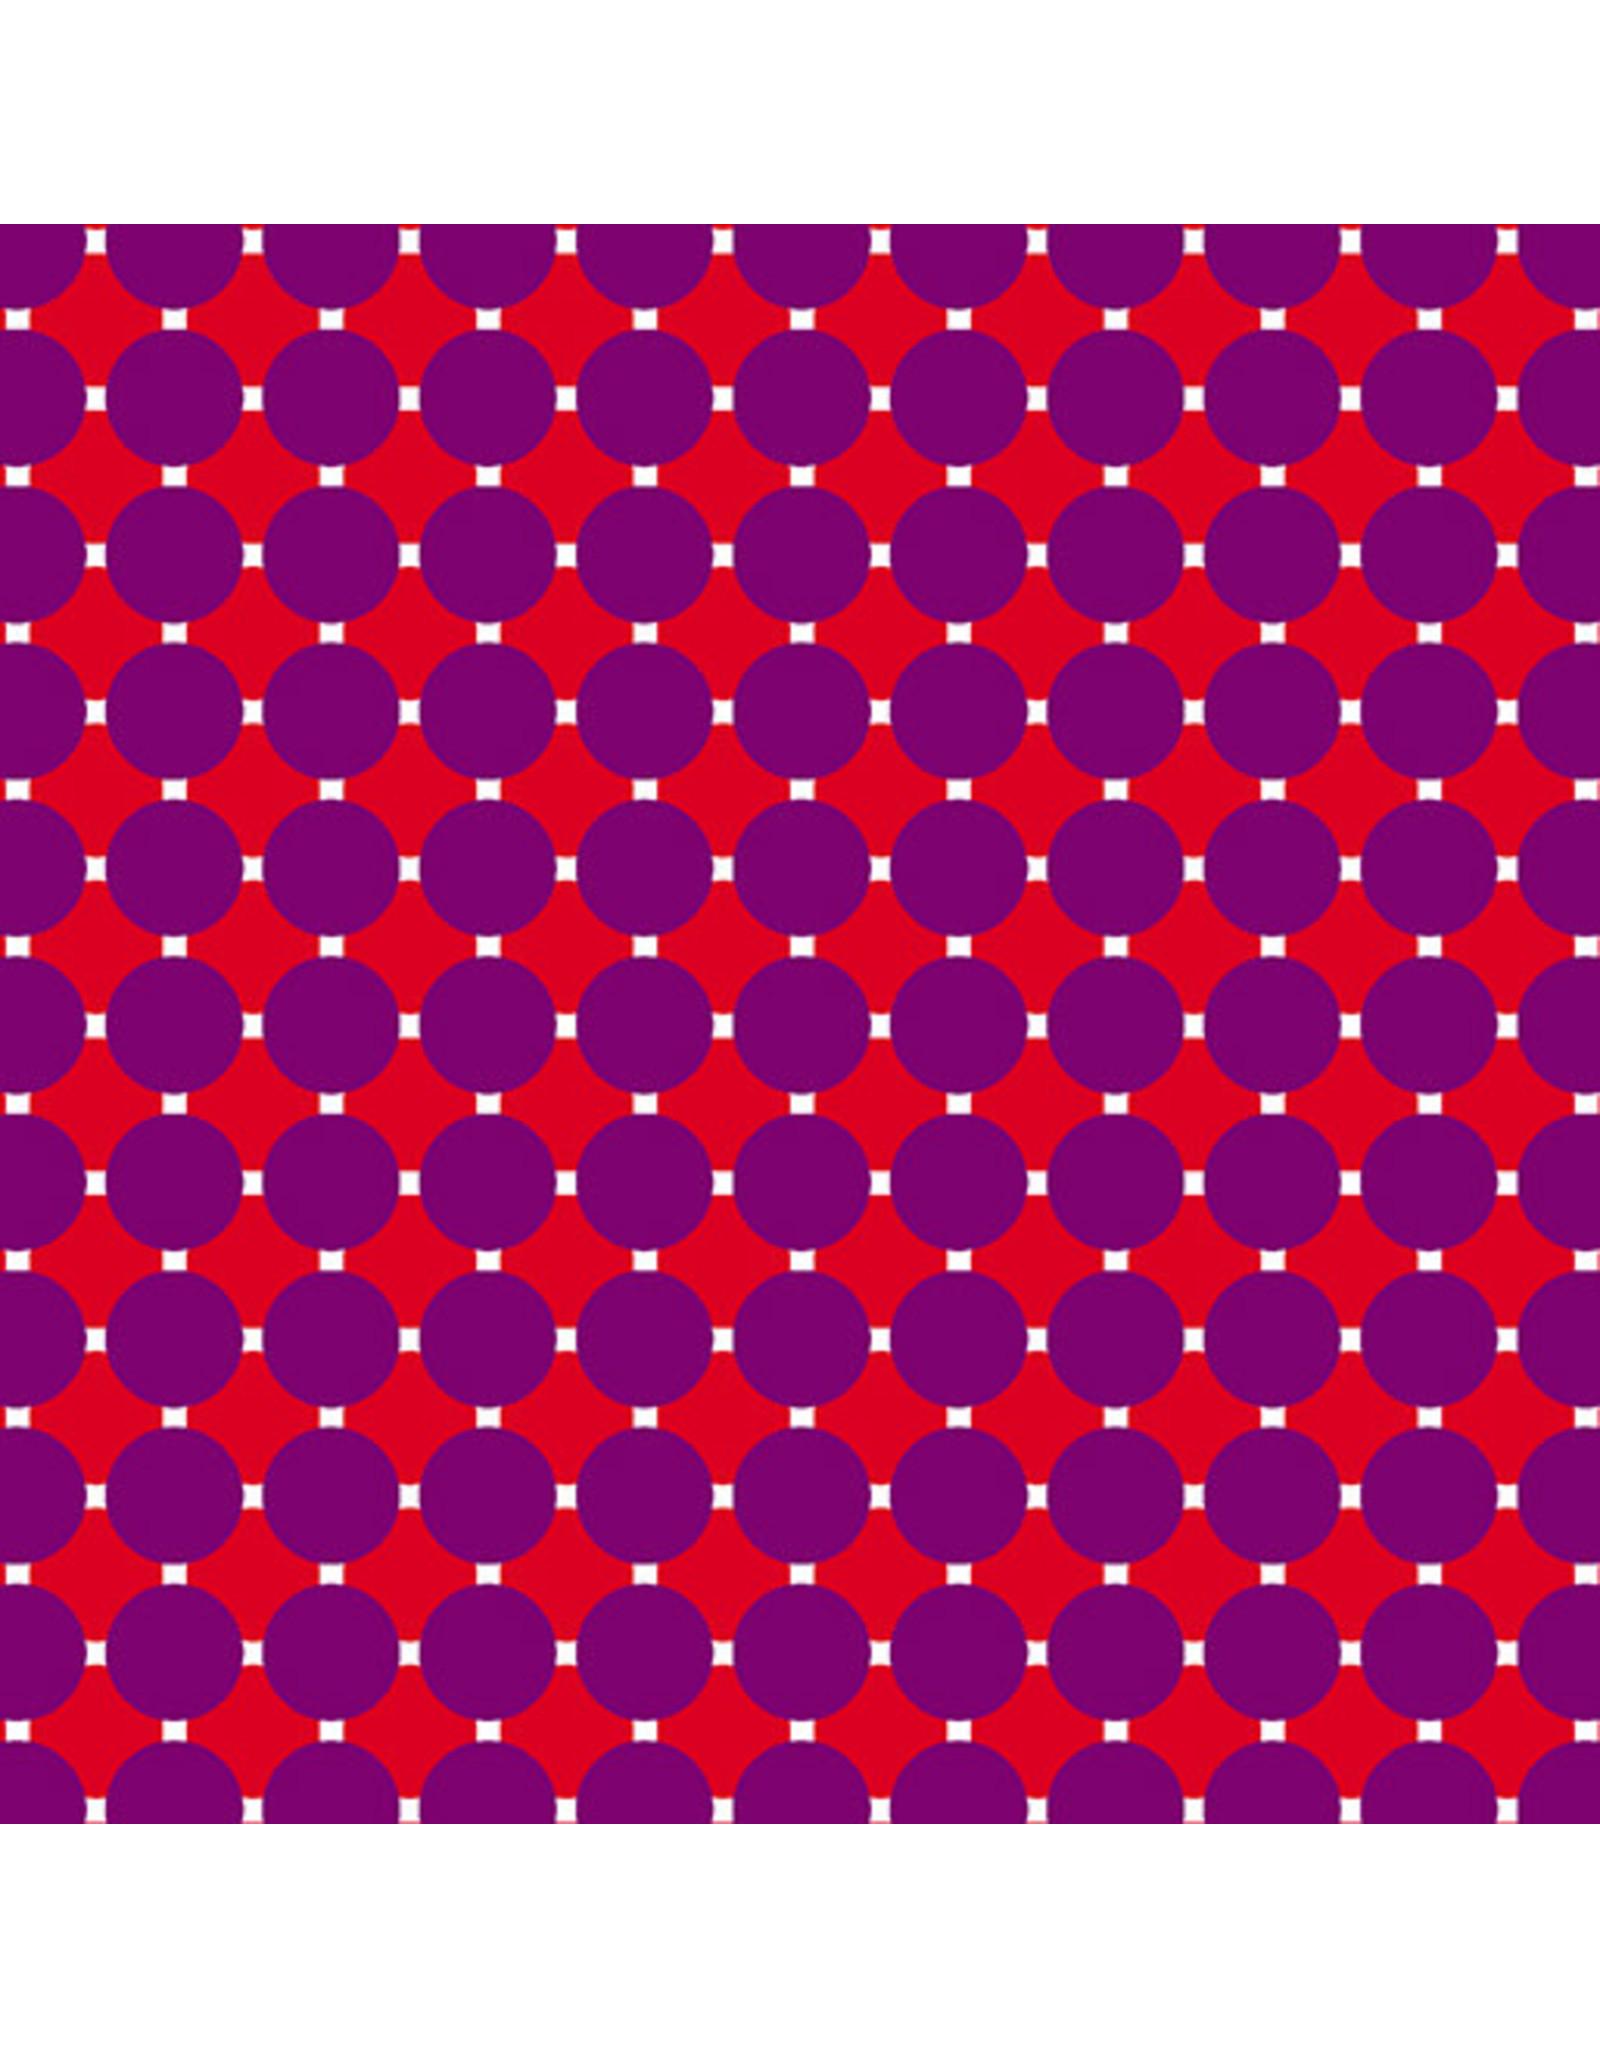 Contempo Gridwork - Circle Grid Purple Red